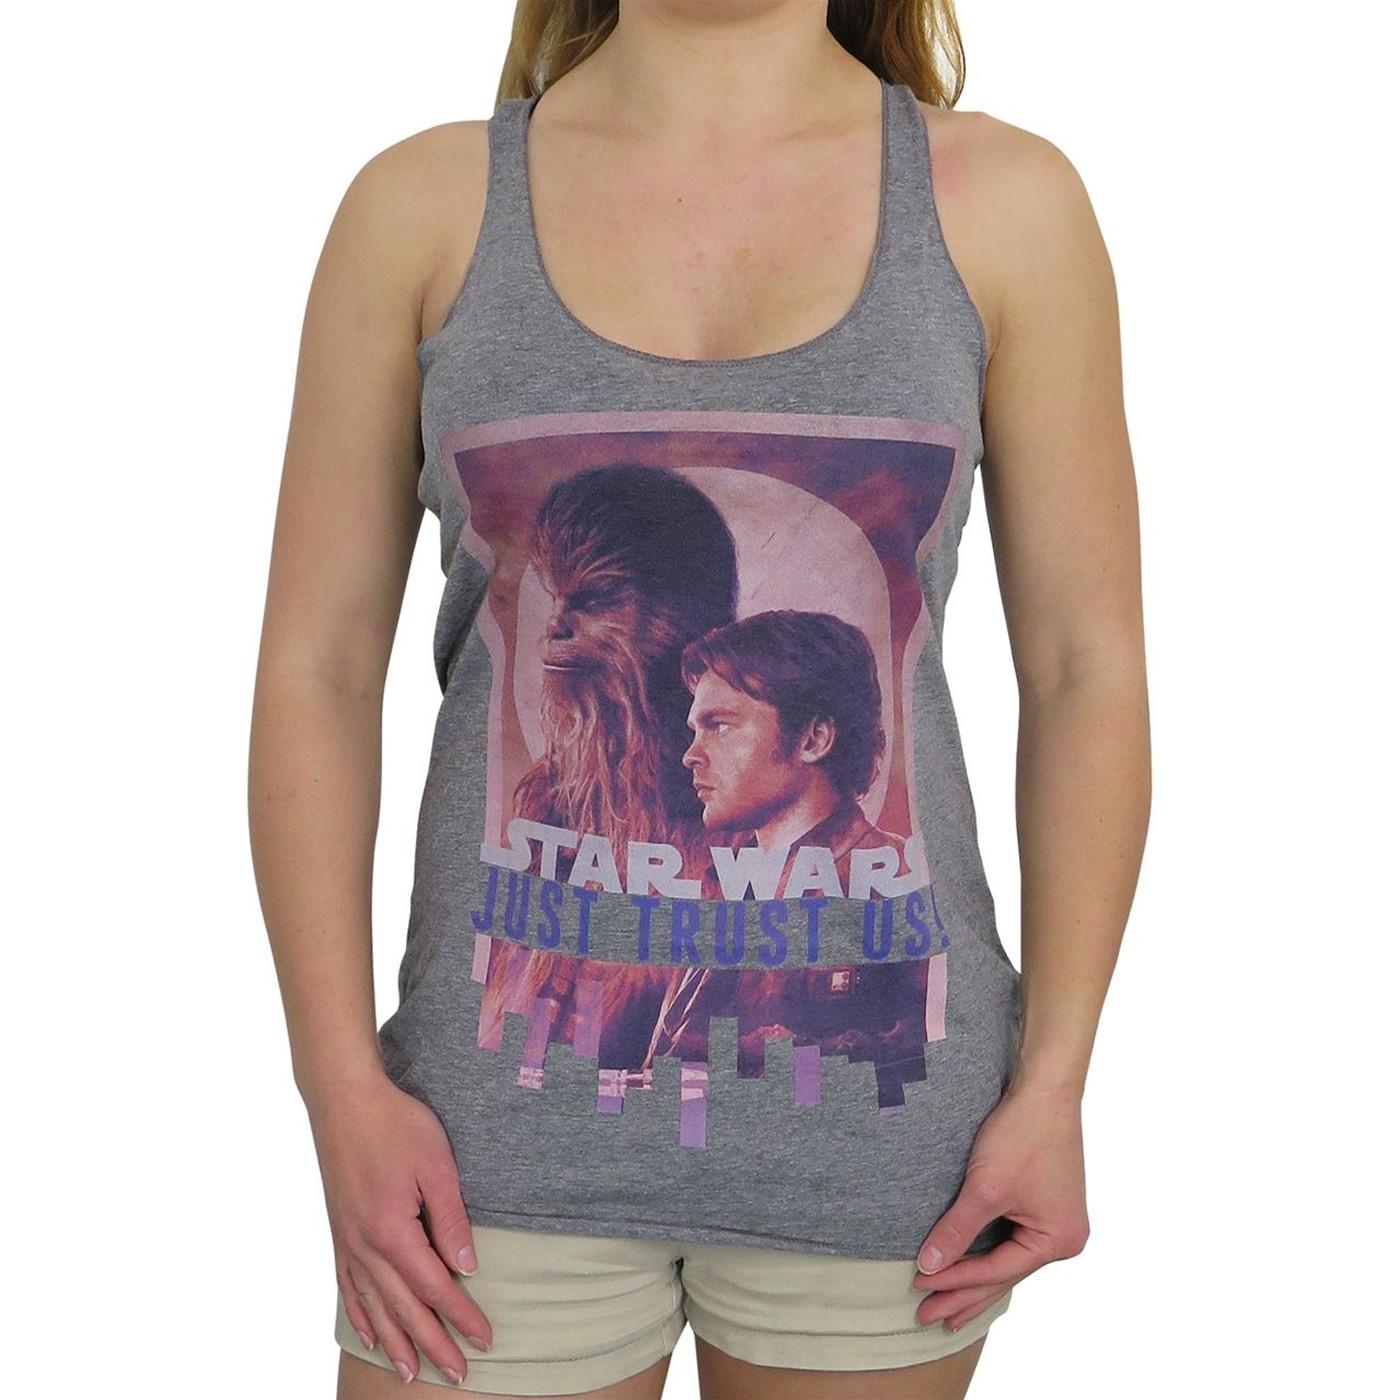 Star Wars Solo Trust Us Women's Racerback Tank Top